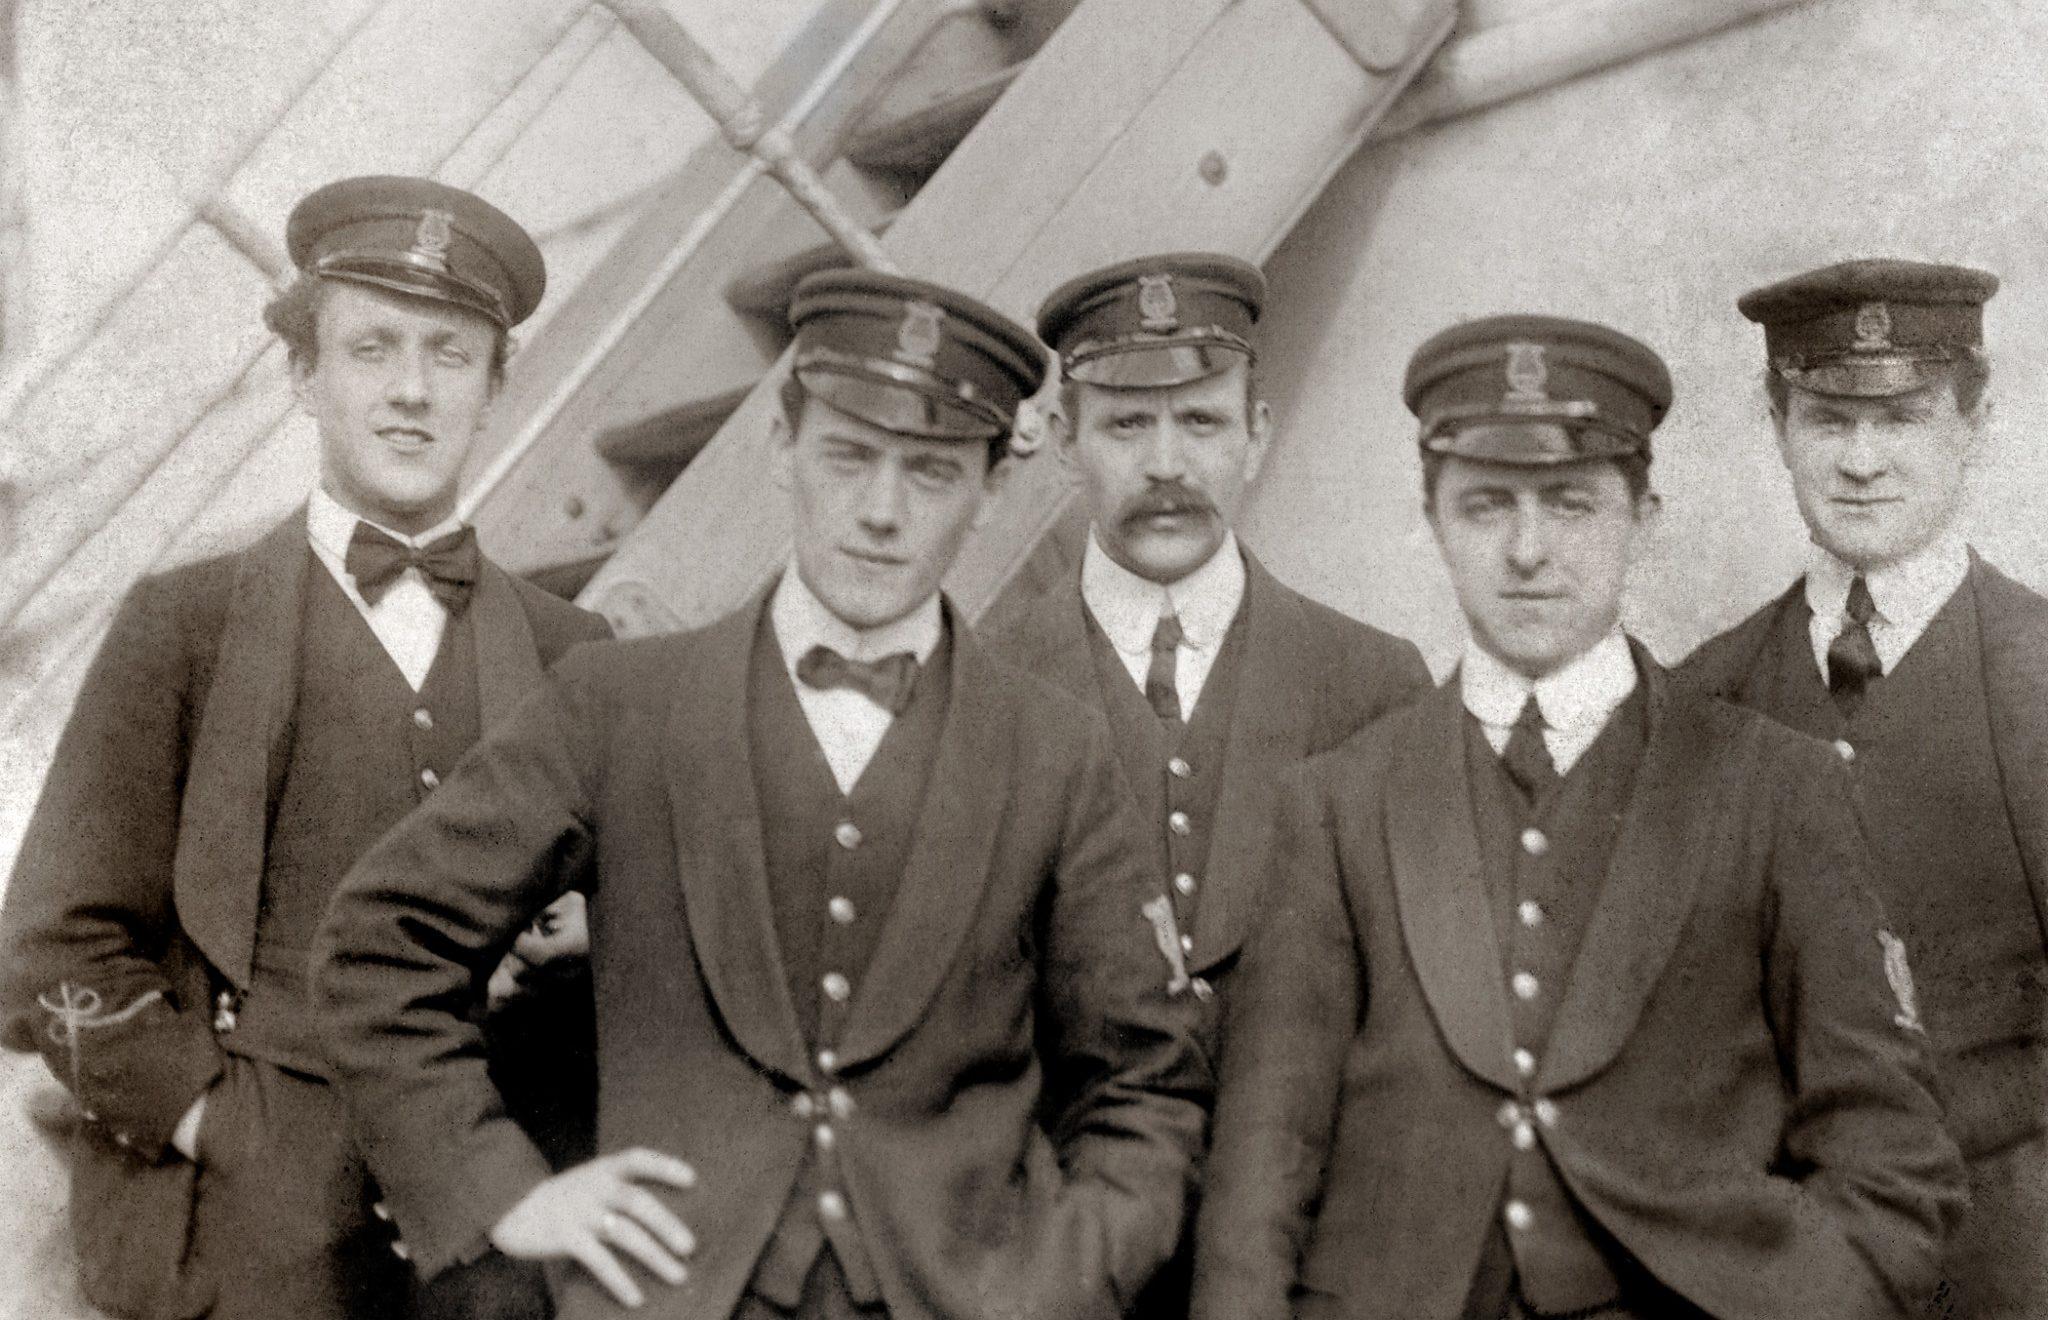 İzleyin: Bu Kitap, Titanik'in Gay Yolcularının Hikayelerini Anlatıyor!